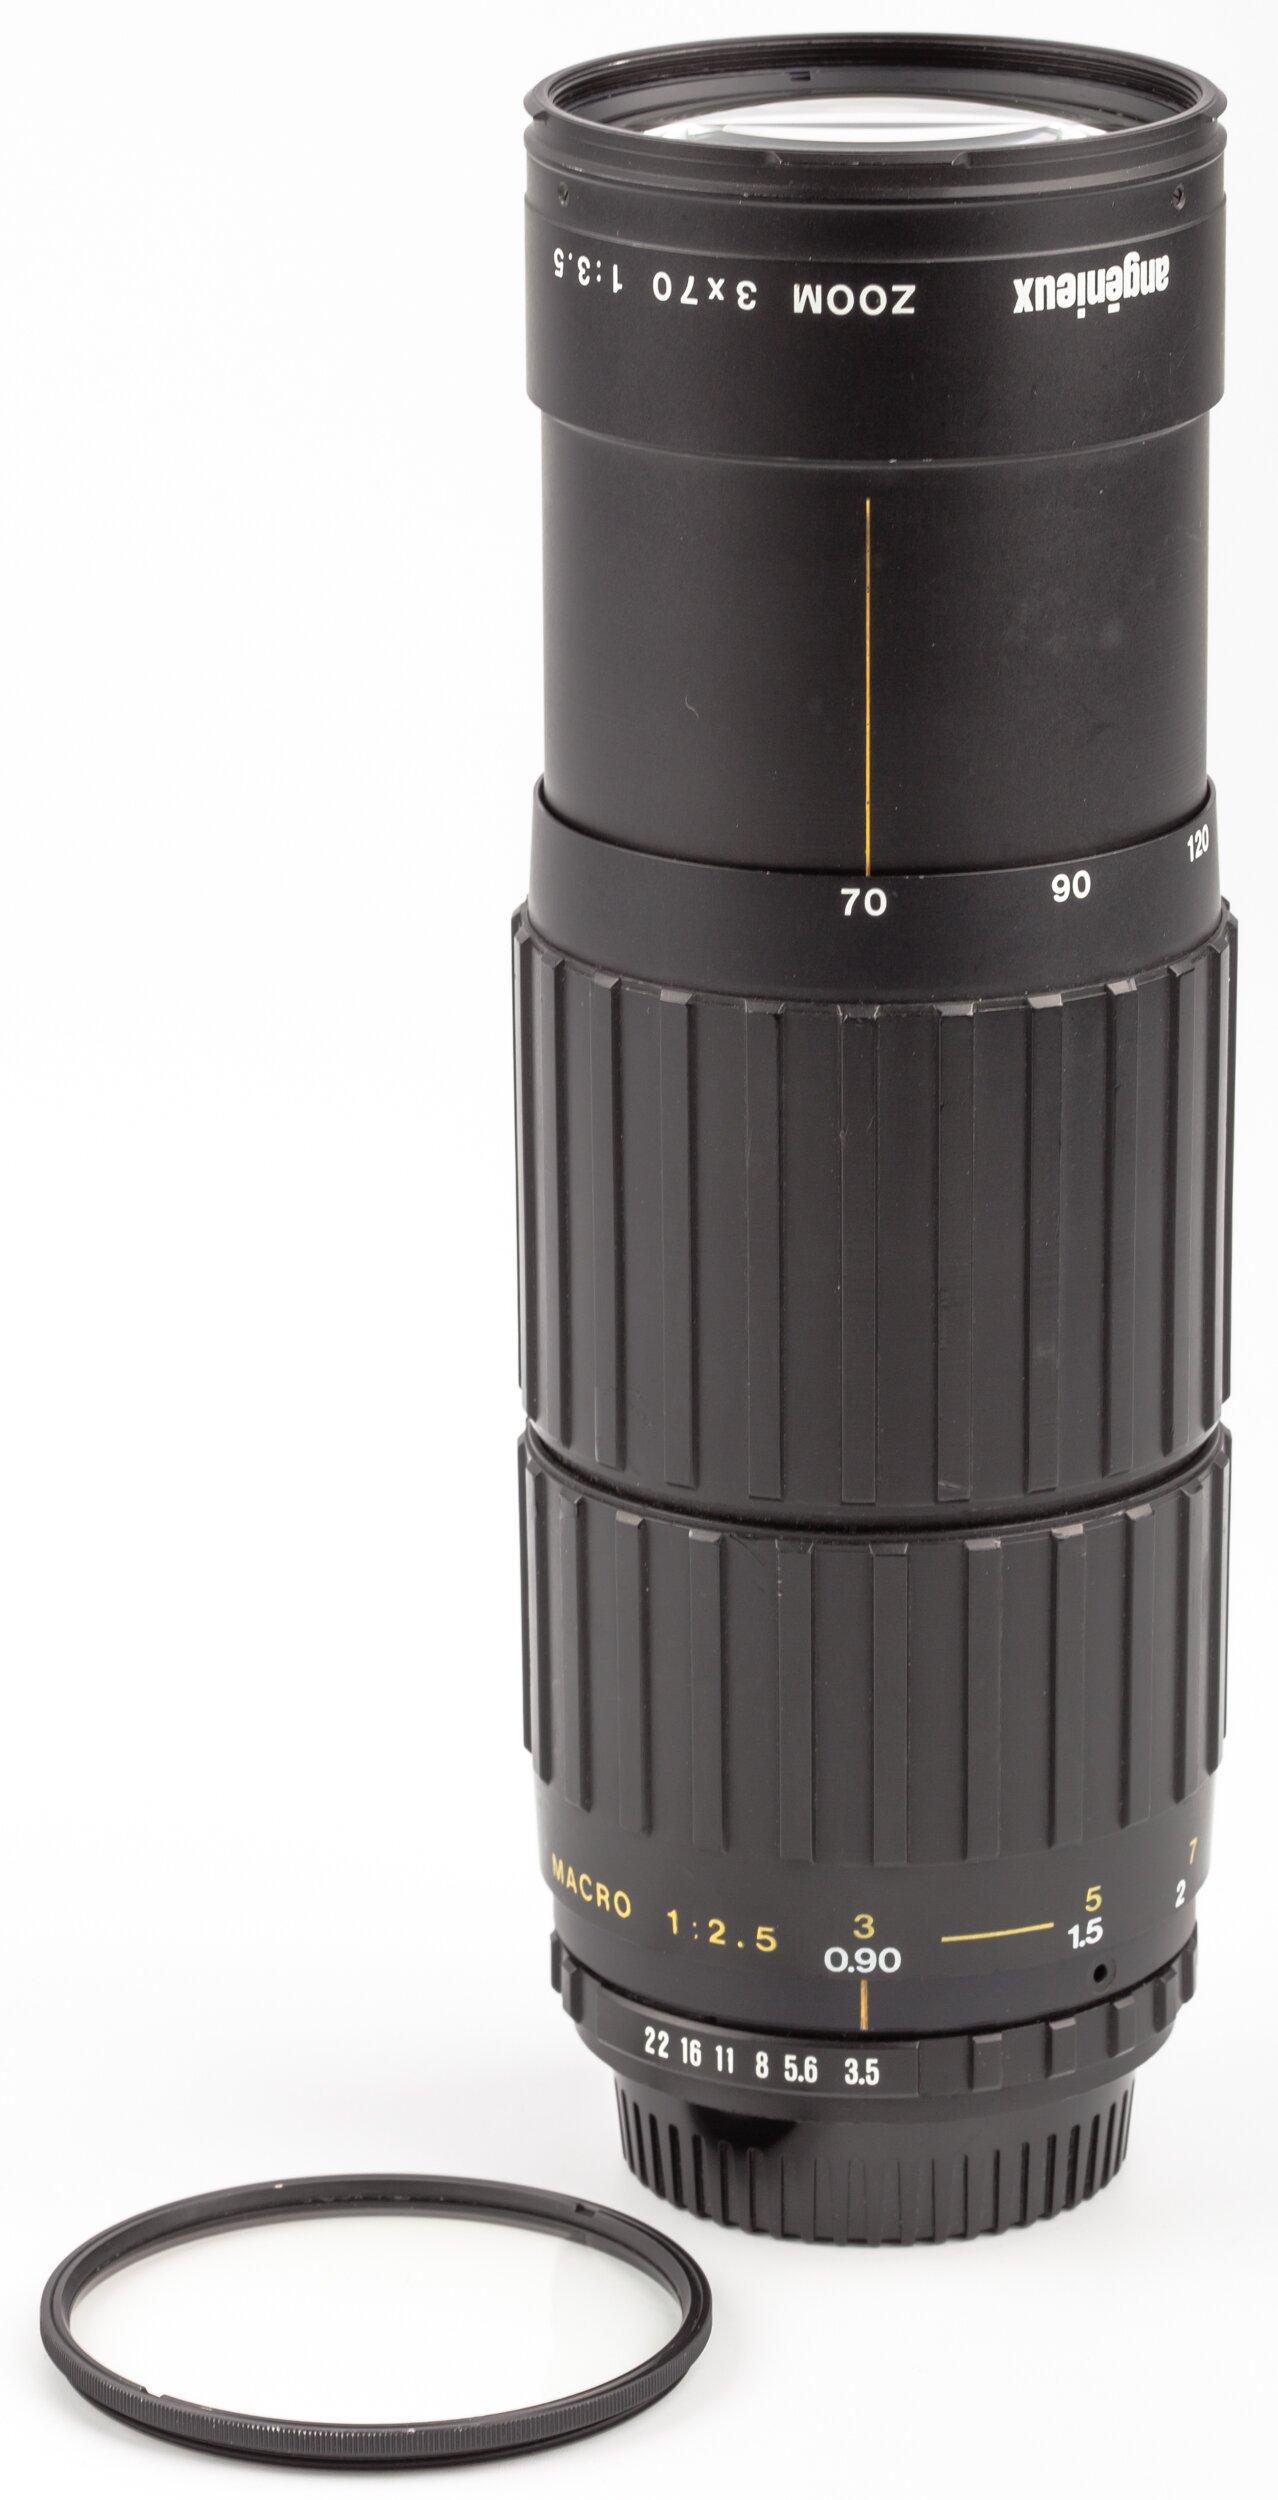 Angenieux f. Pentax K 70-210mm 3,5